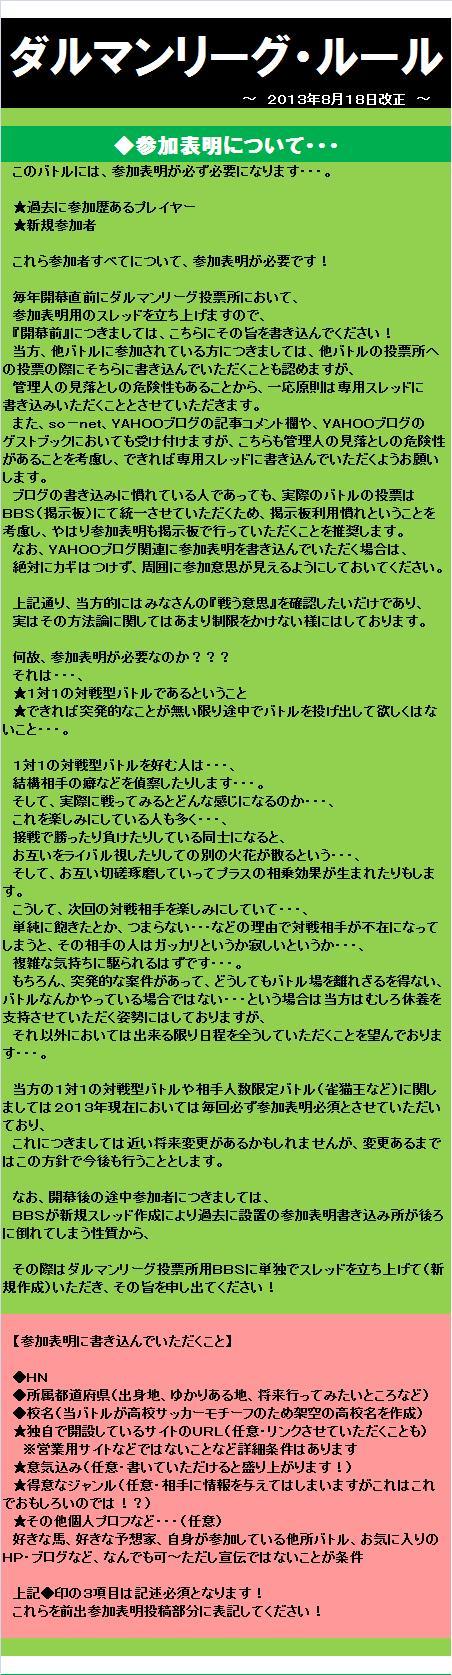 20130818・ダルマンリーグルール③.jpg